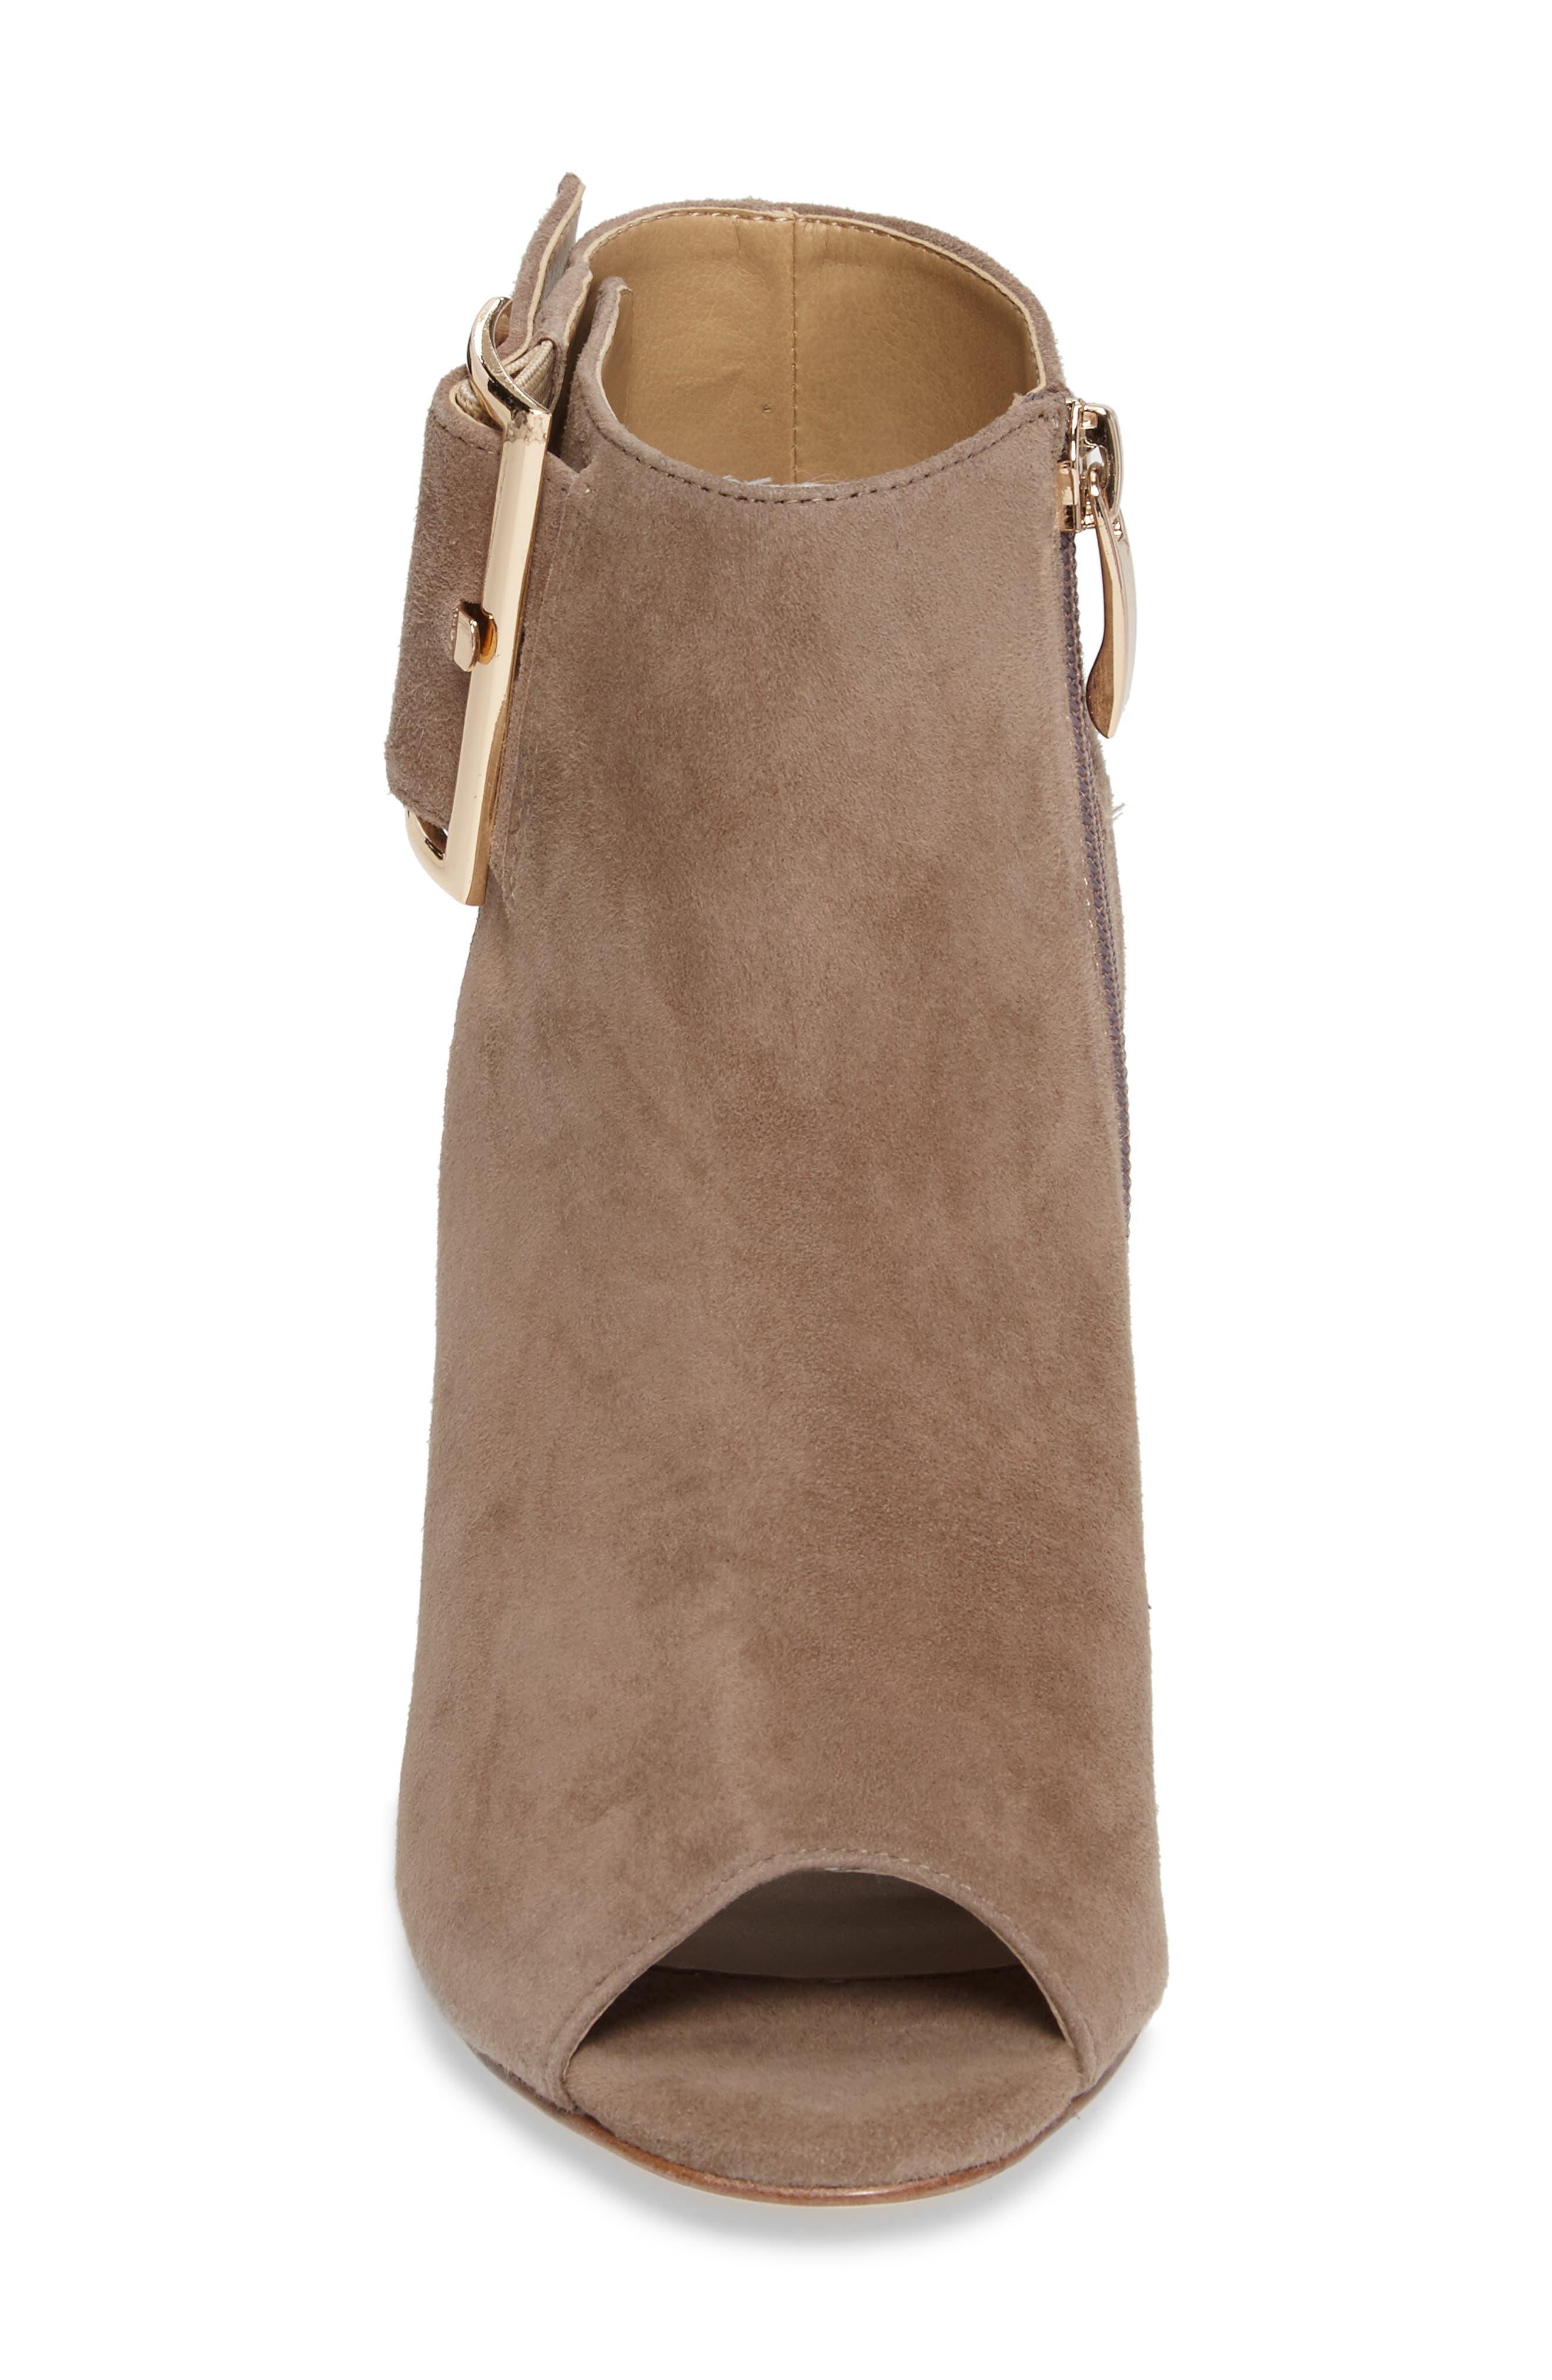 Alternate Image 4  - VANELi 'Bisa' Peep Toe Slingback Sandal (Women)